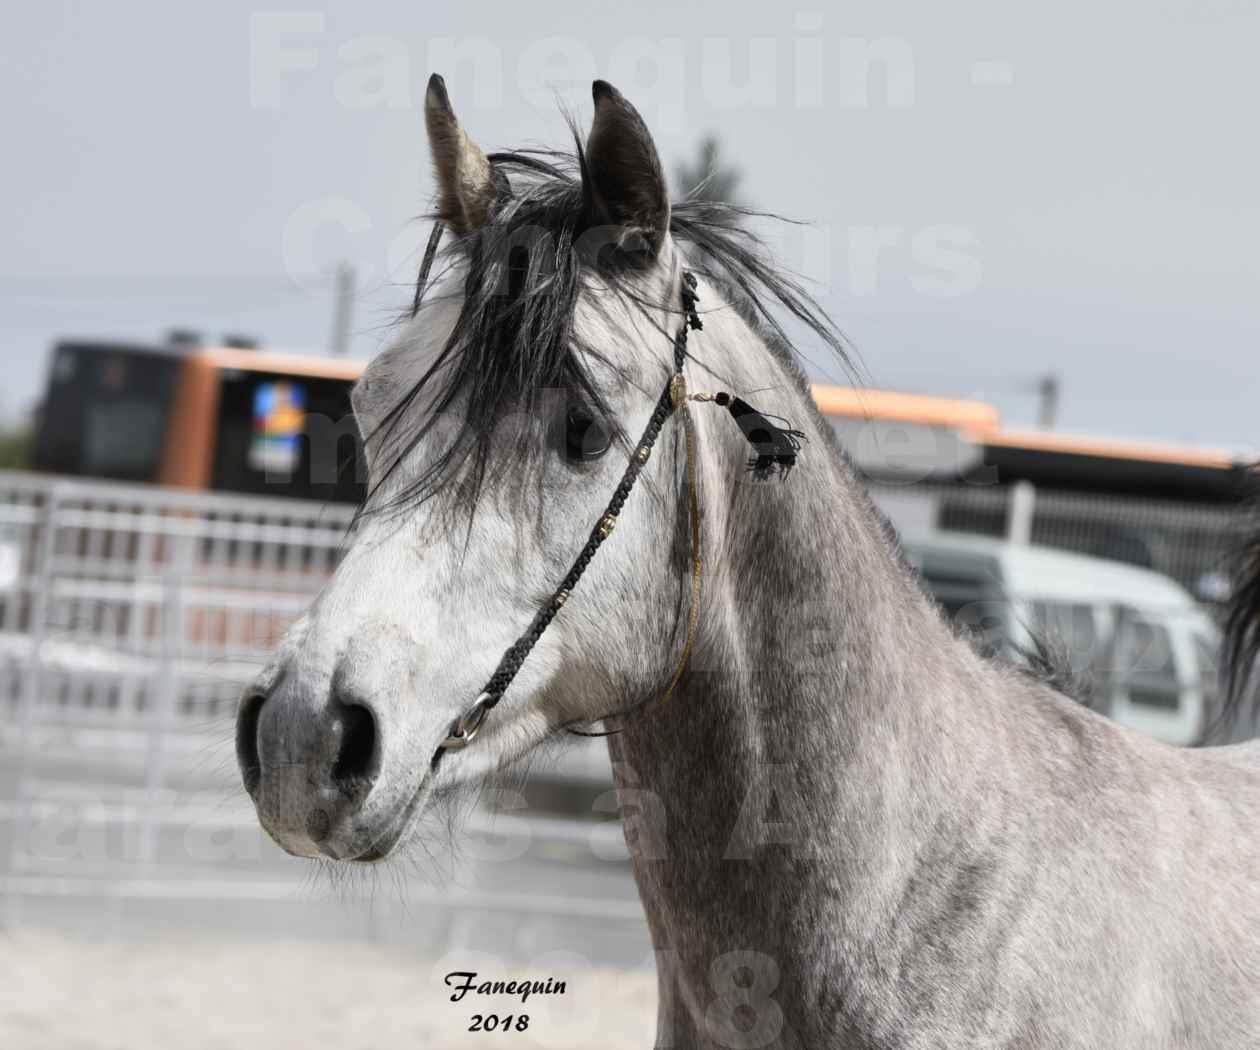 Concours d'élevage de Chevaux Arabes - Demi Sang Arabes - Anglo Arabes - ALBI les 6 & 7 Avril 2018 - FLORAC LARZAC - Notre Sélection - Portraits - 7